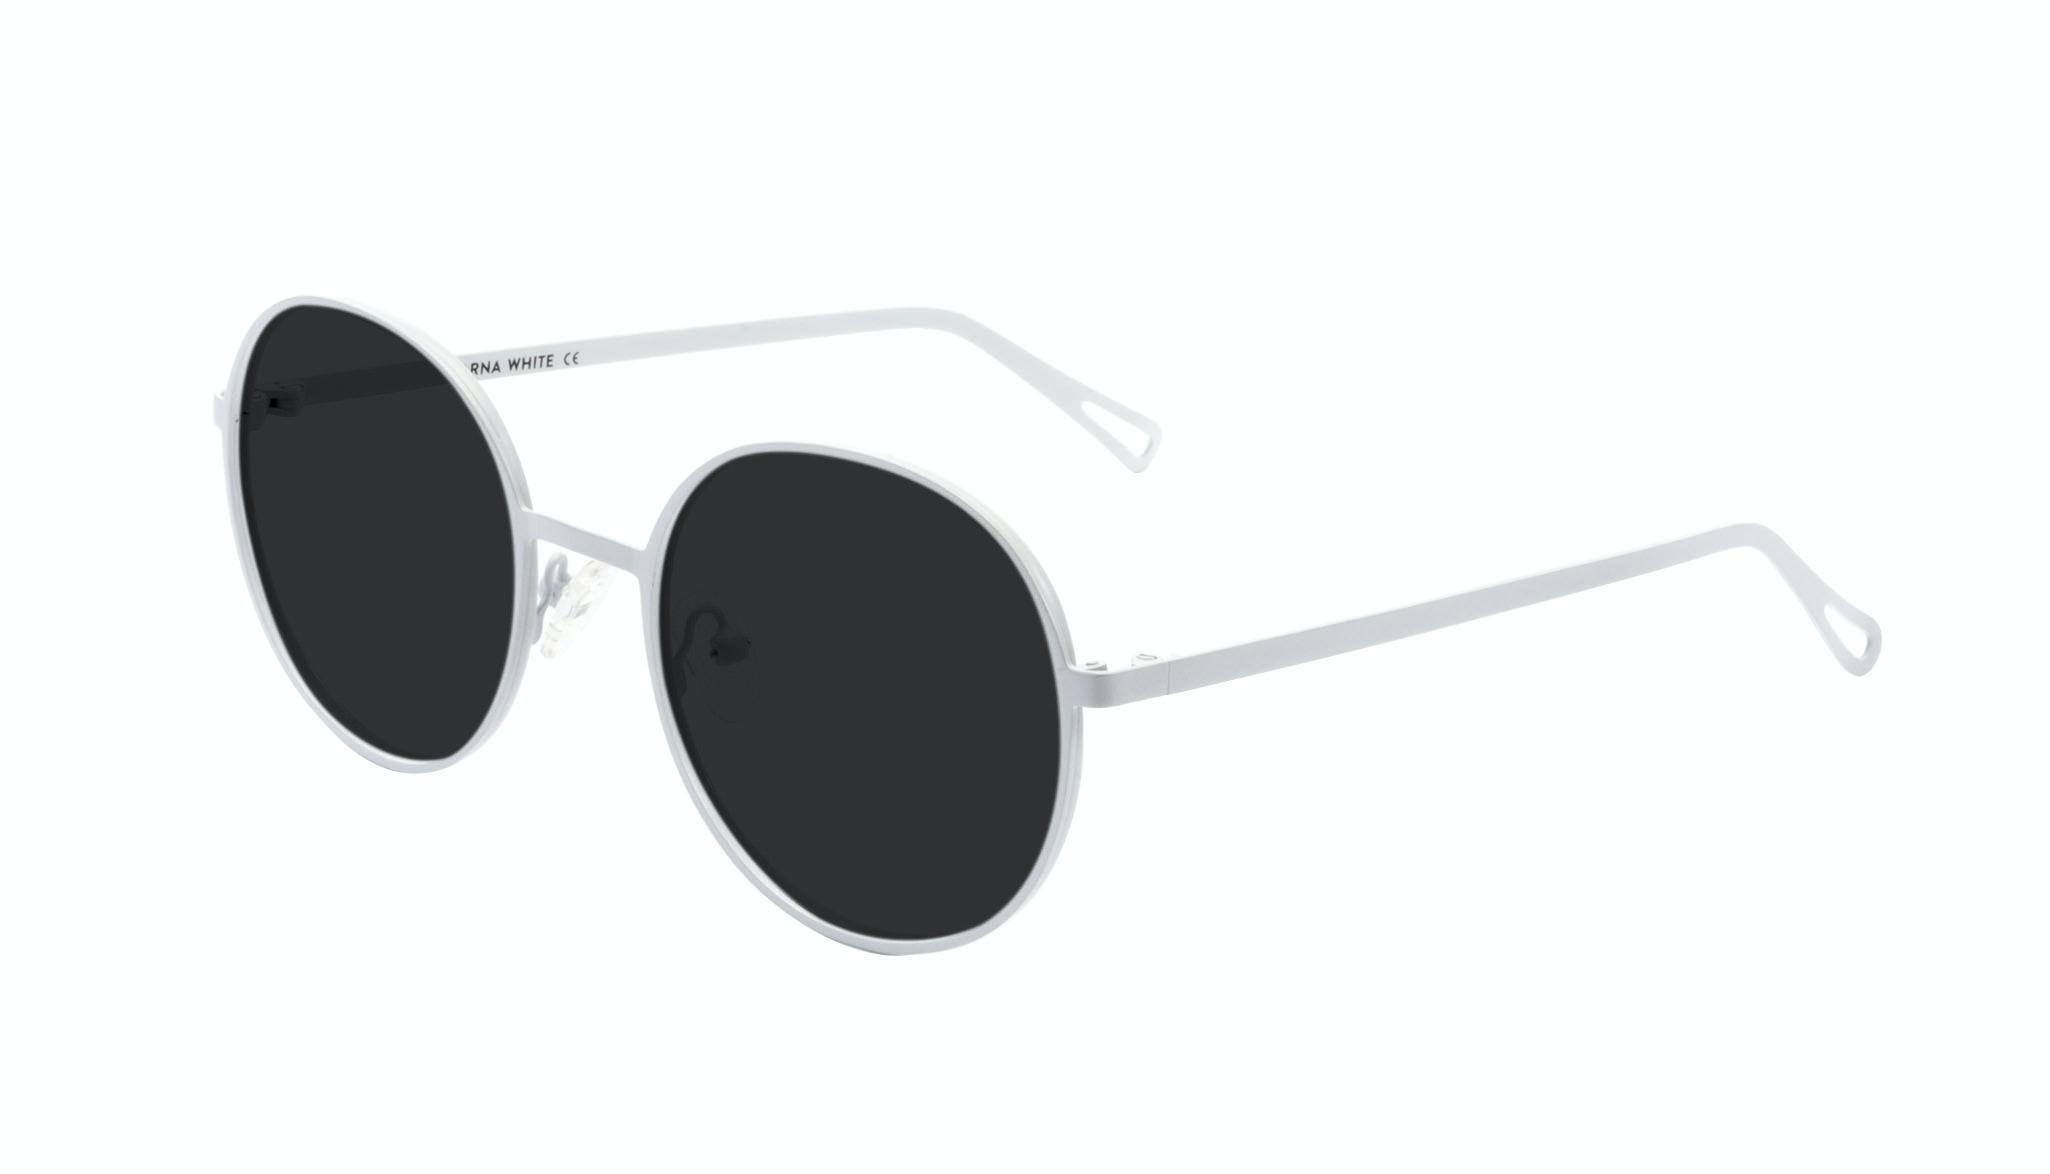 Affordable Fashion Glasses Round Sunglasses Men Women Varna White Tilt